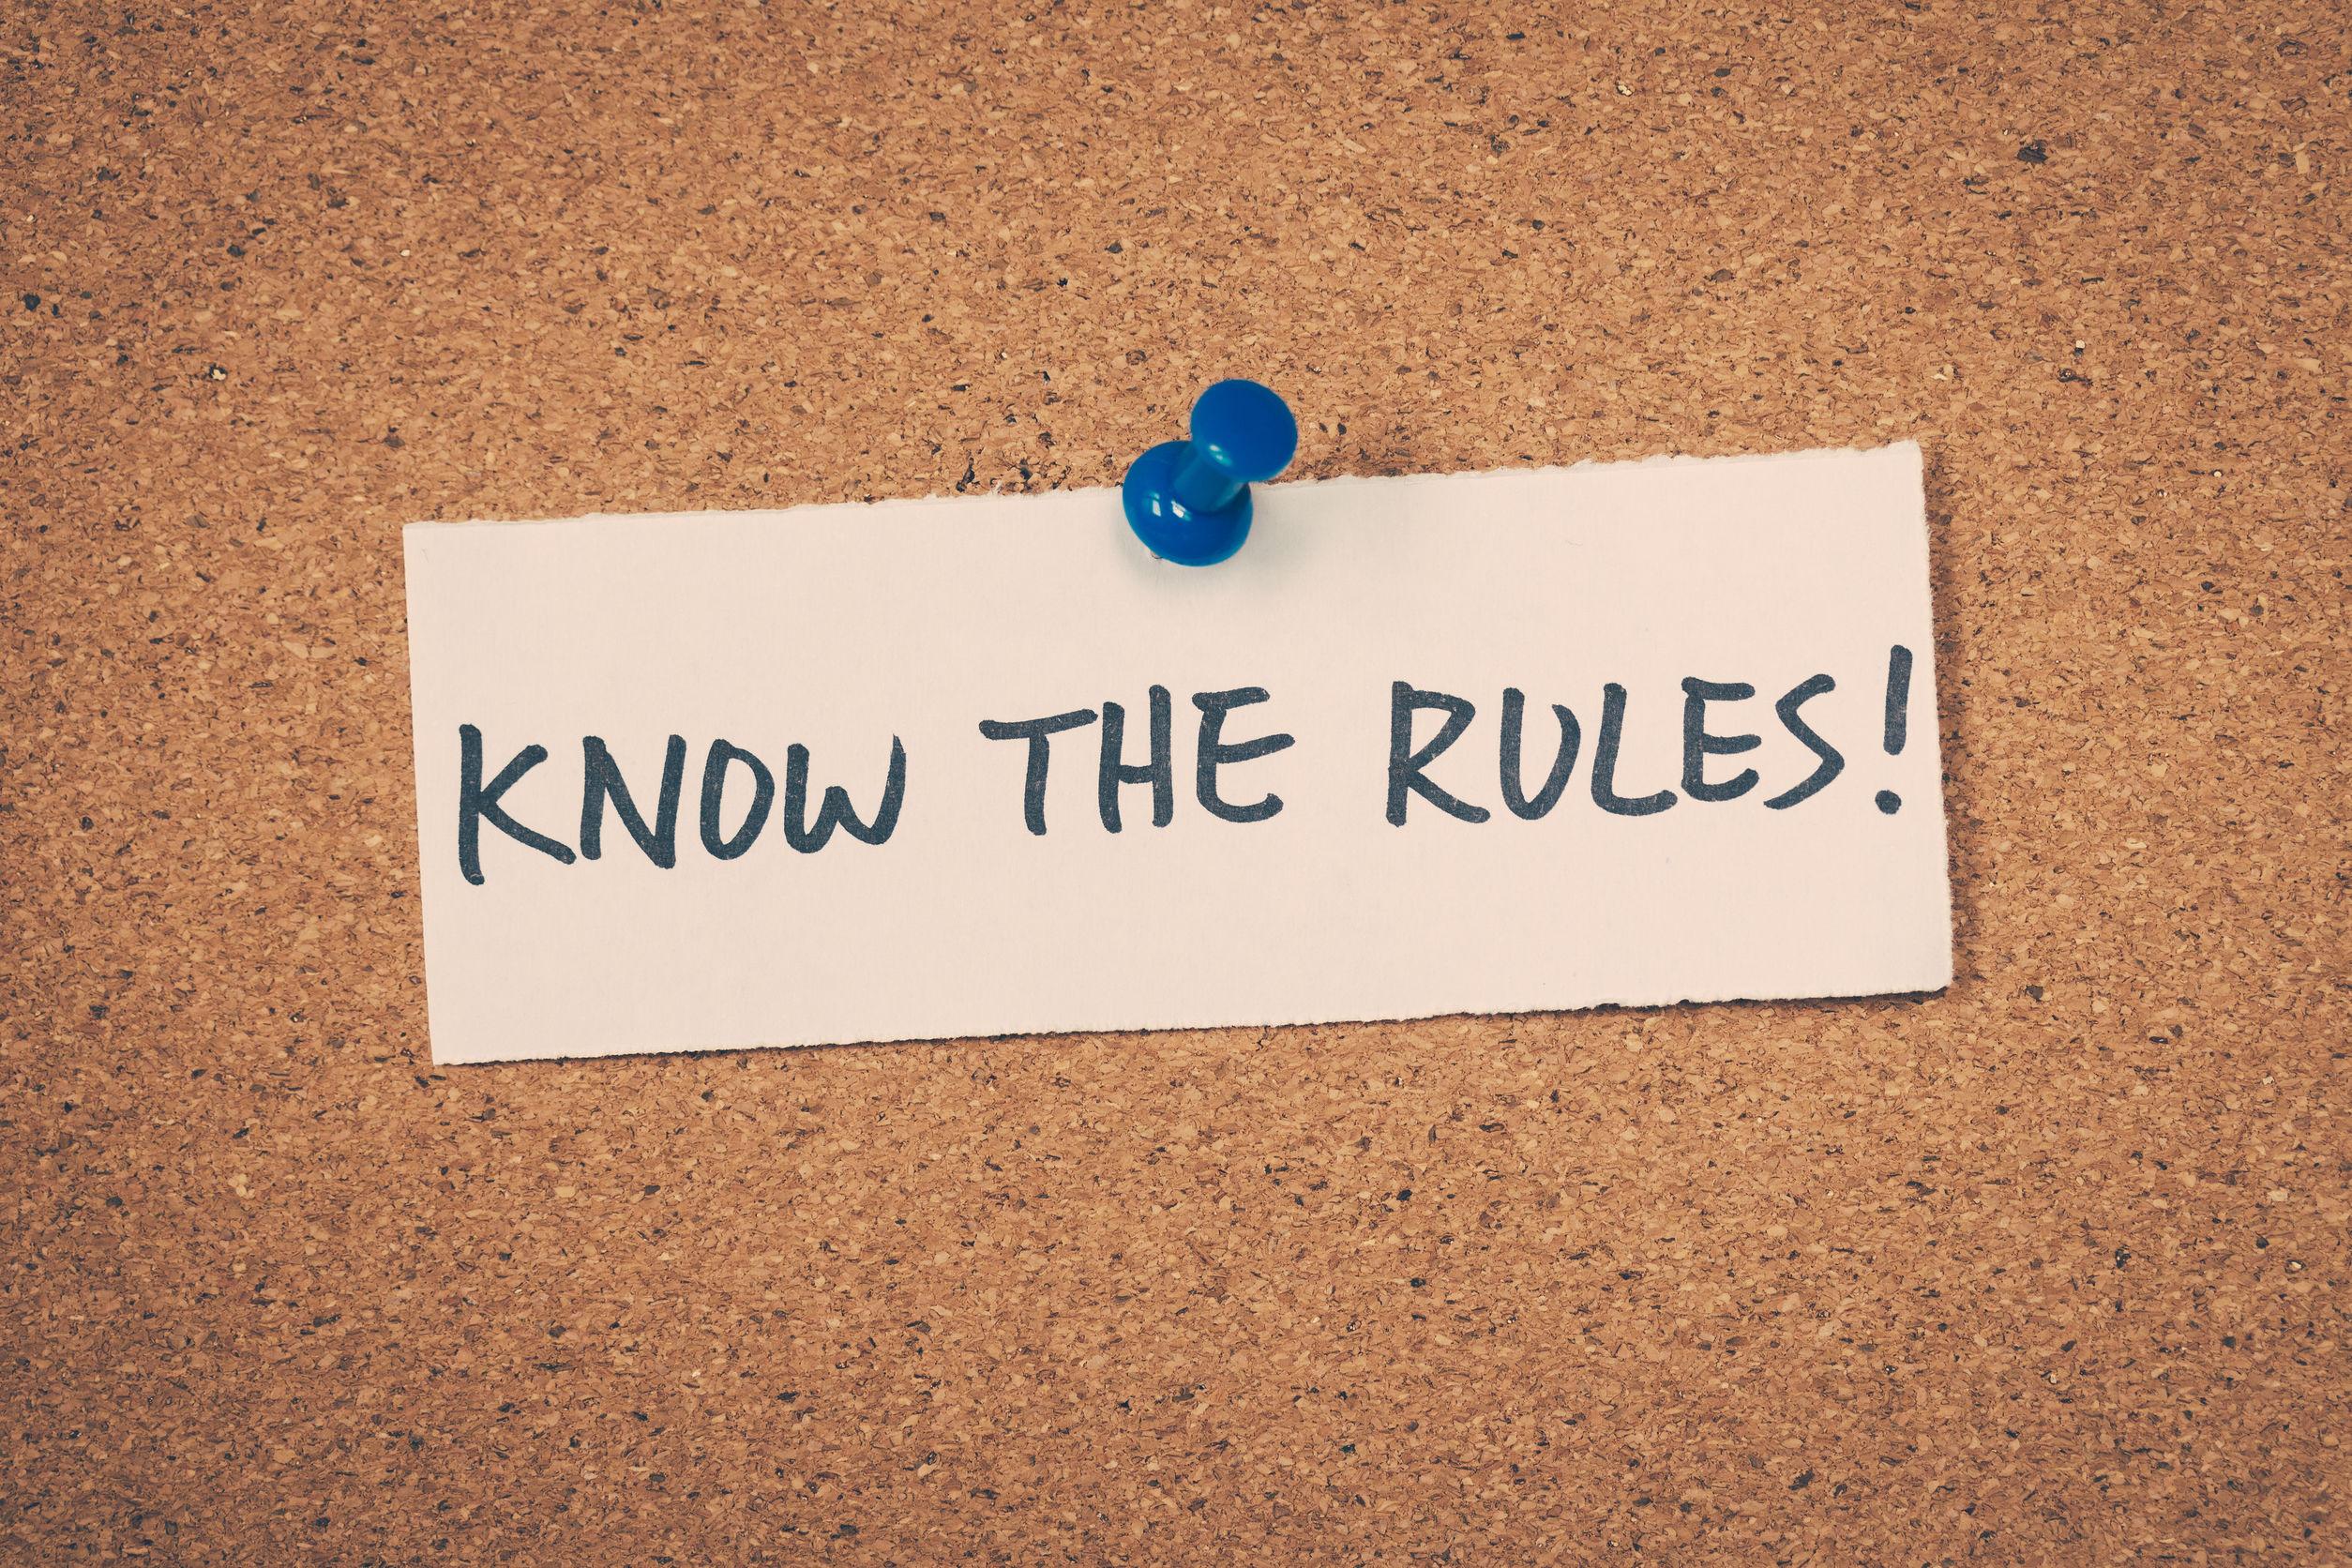 商业银行小微企业金融服务监管评价办法印发,被评四级将约谈主要负责人